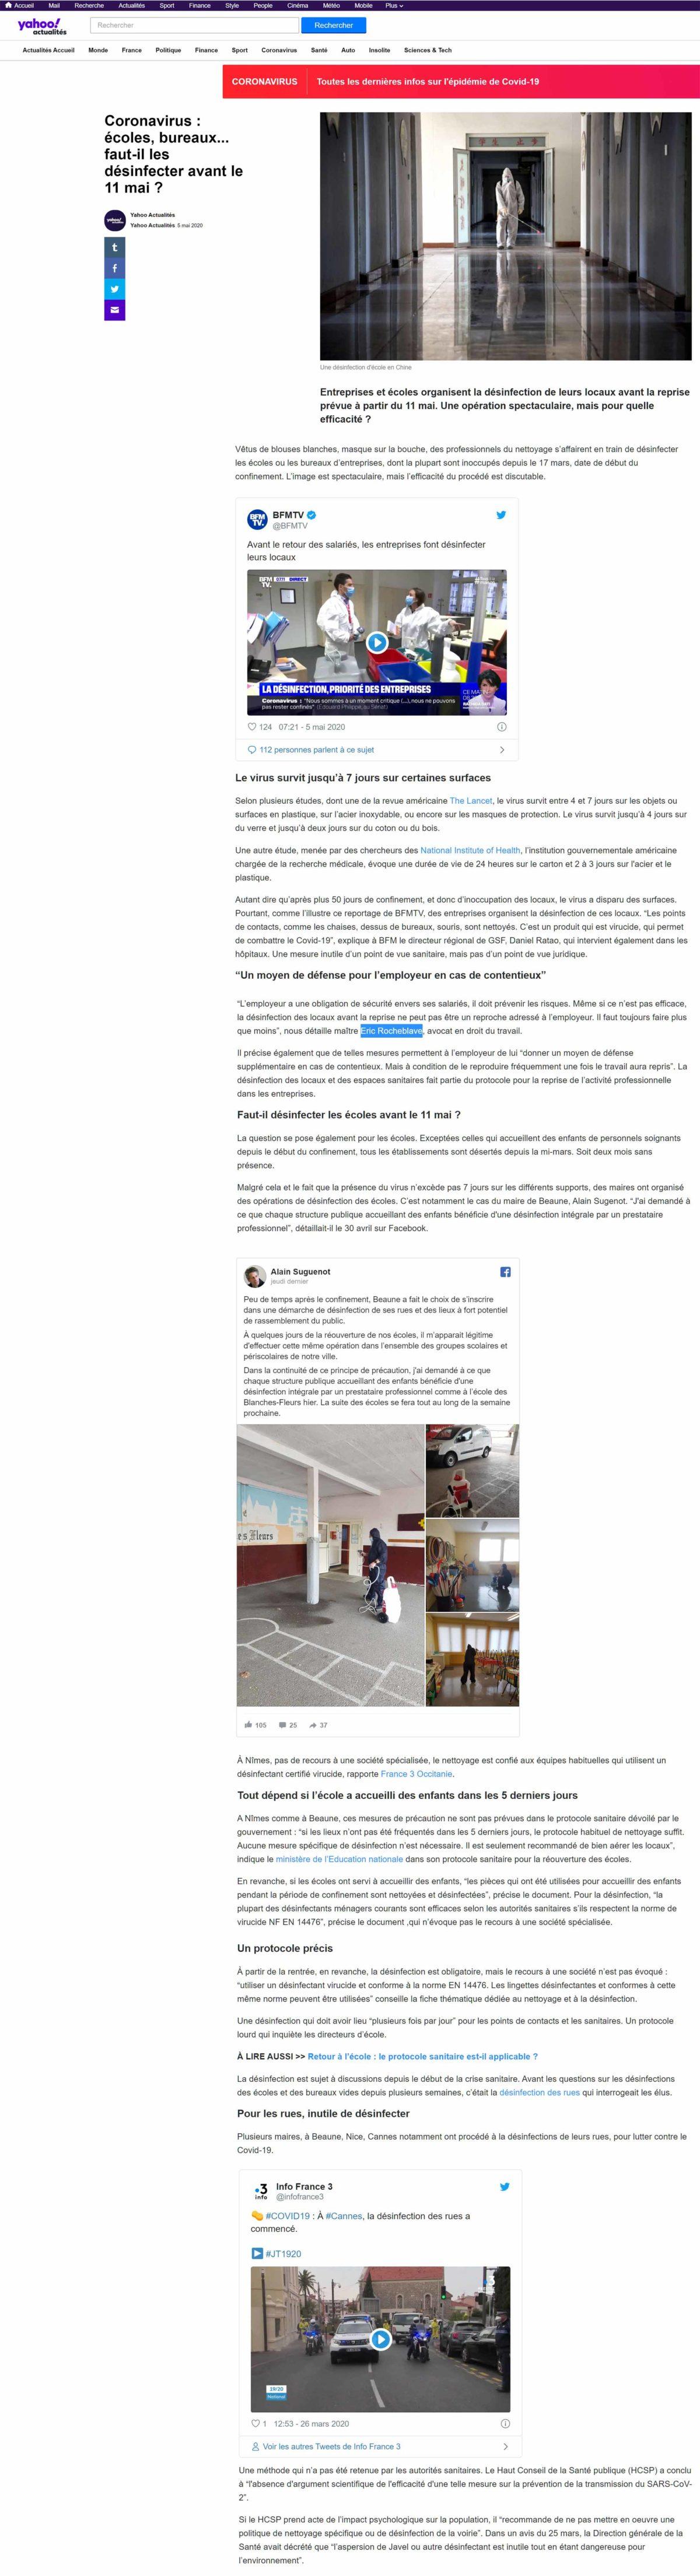 « Coronavirus : écoles, bureaux... faut-il les désinfecter avant le 11 mai ? » interview Yahoo! actualités de Maître Eric ROCHEBLAVE